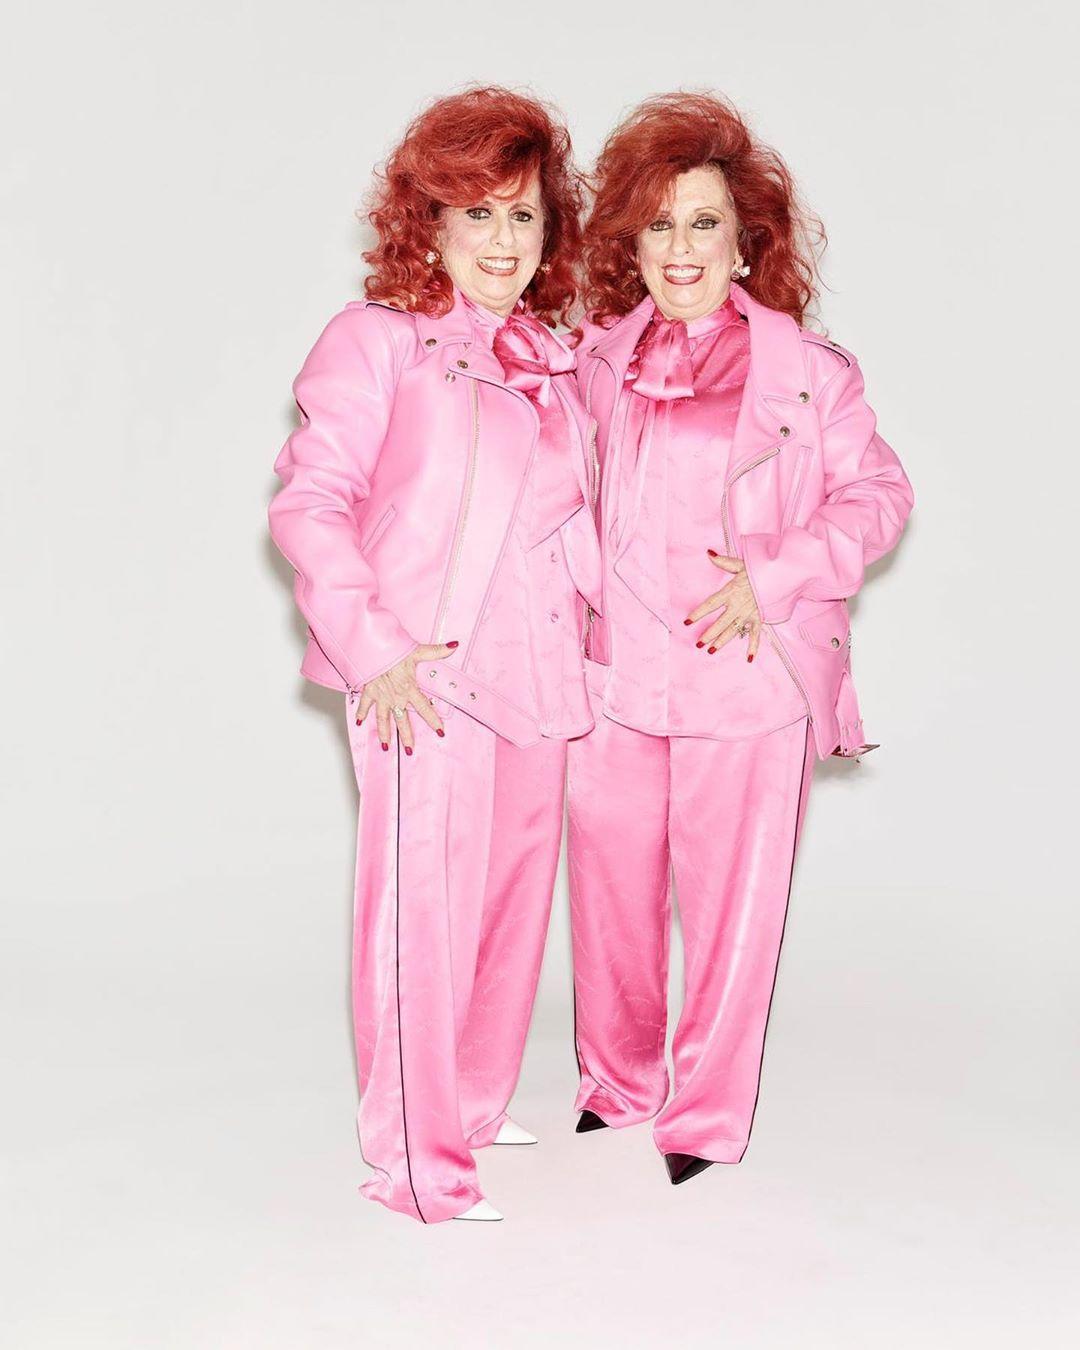 Марк Джейкобс запустил новый бренд одежды и аксессуаров-Фото 2